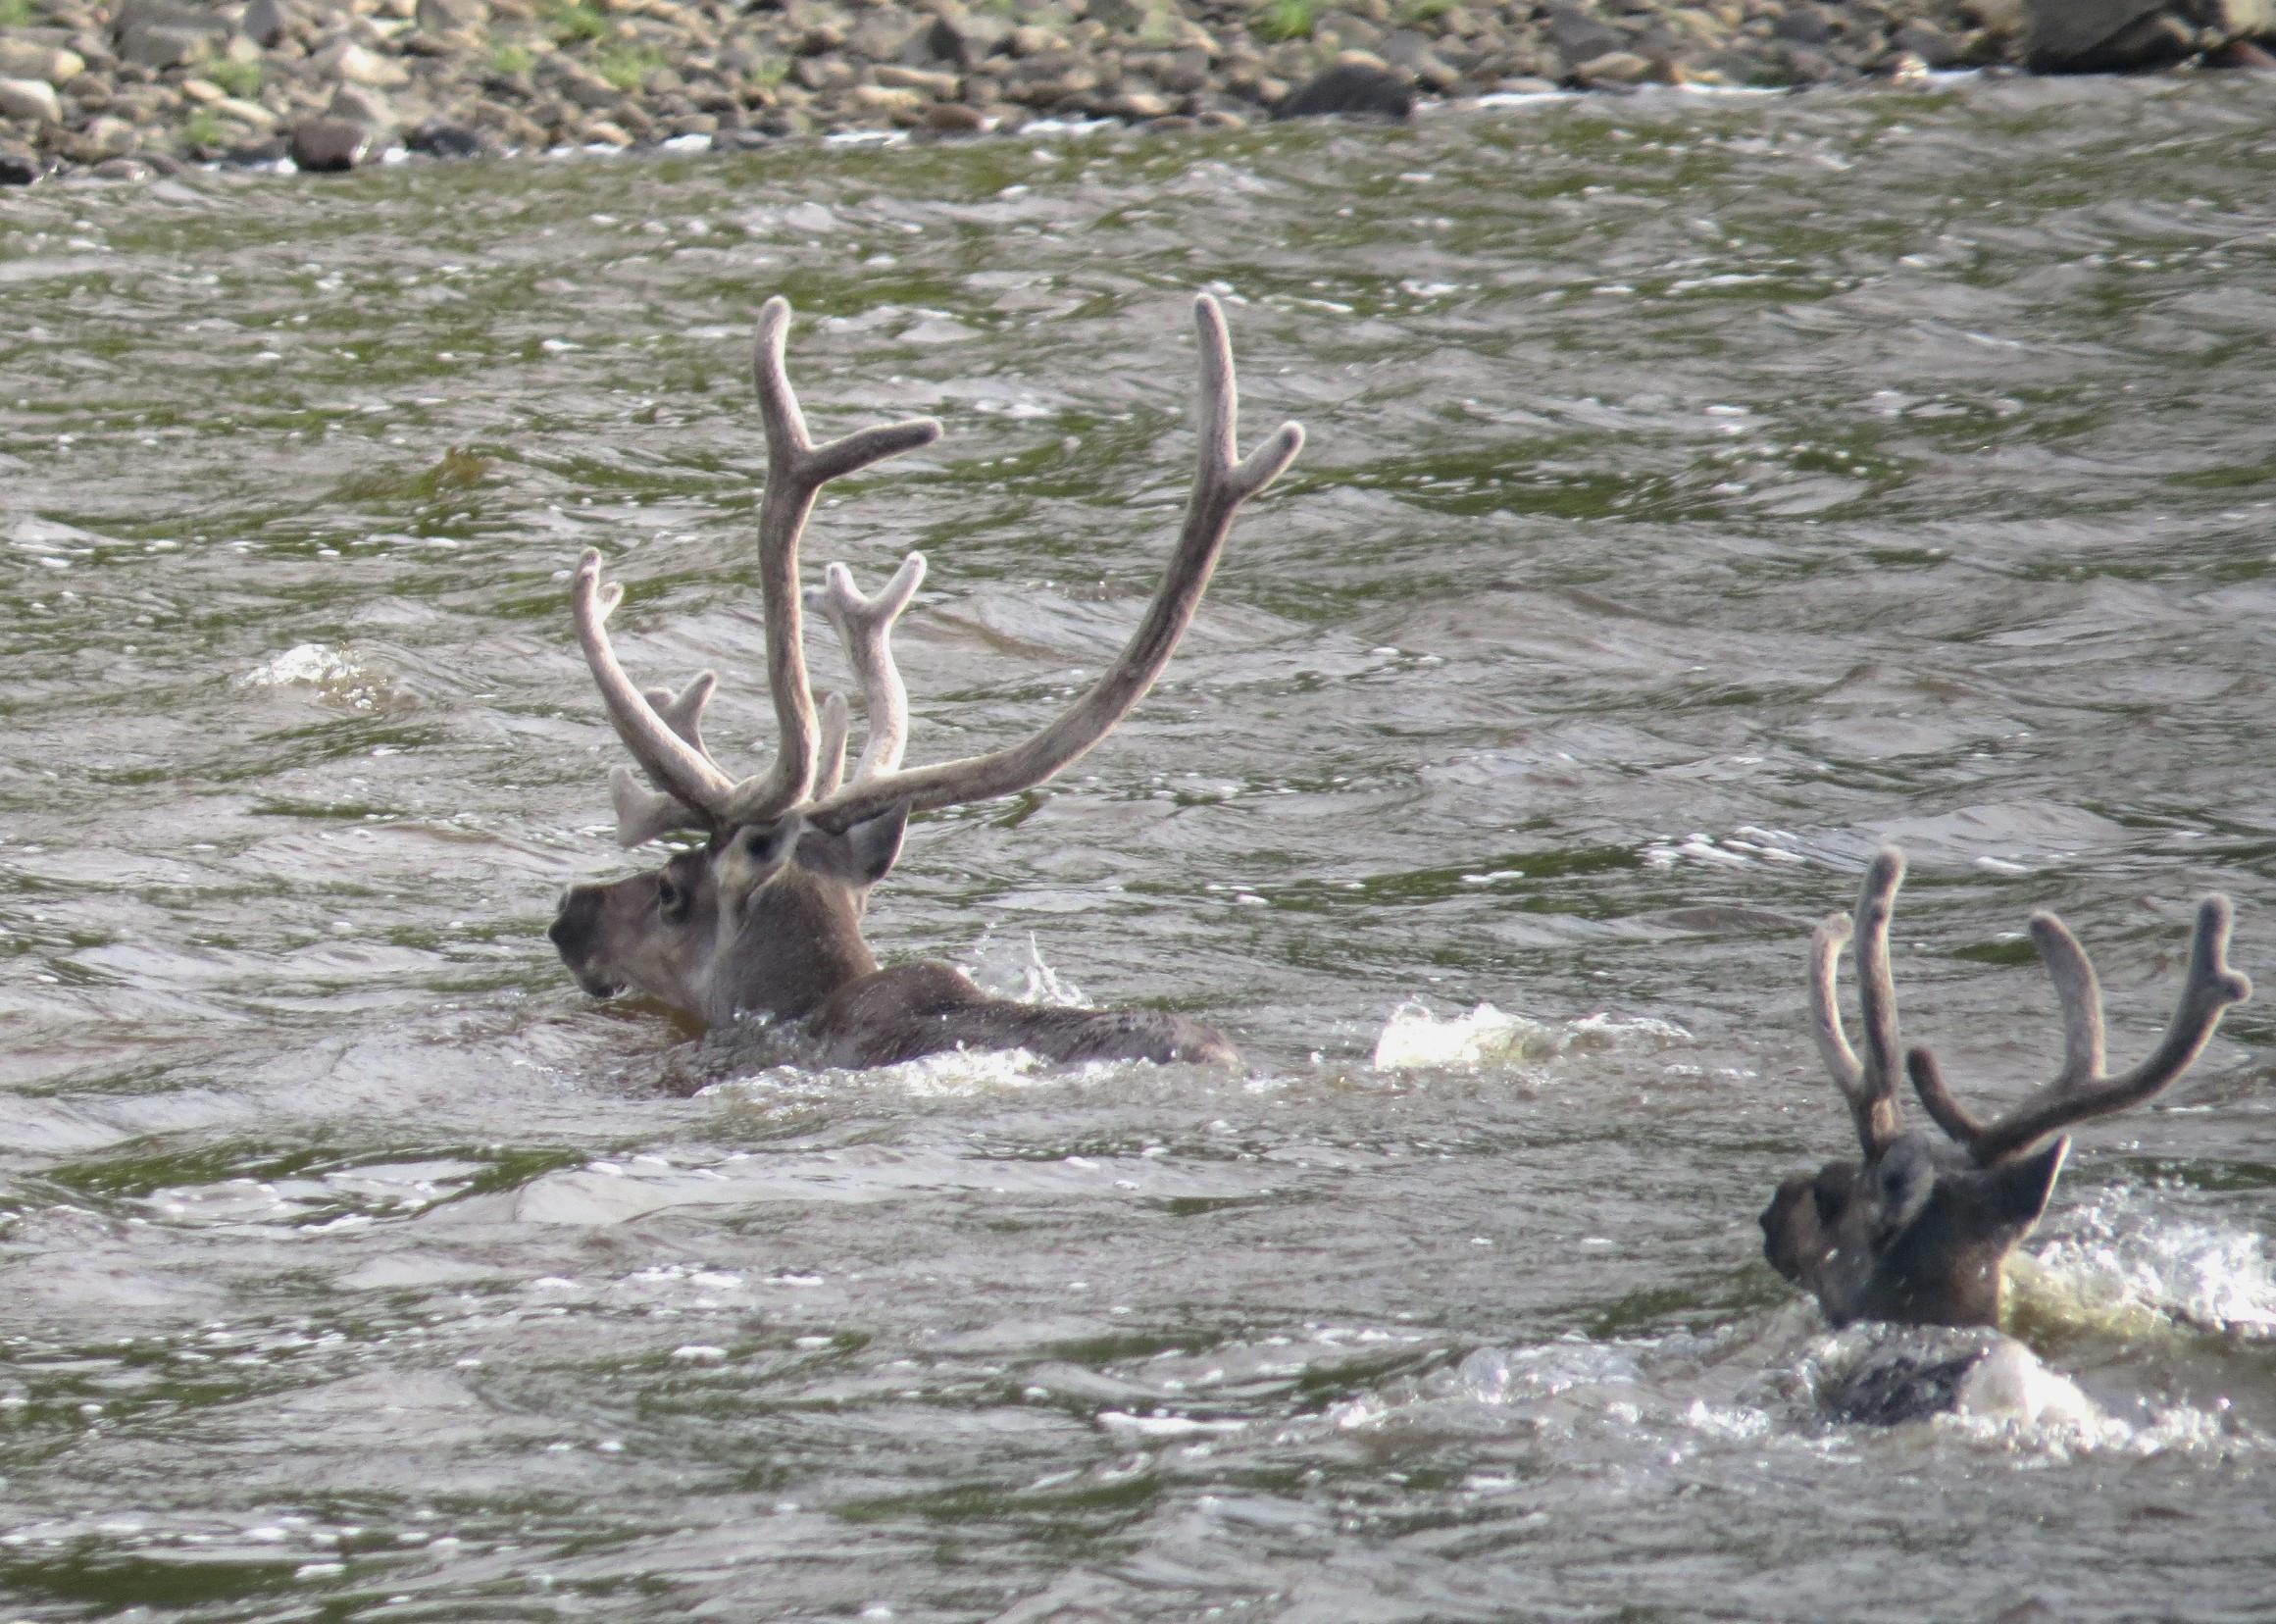 איילי בר חוצים את הנהר (צילום: רונית ישראלי) (צילום: רונית ישראלי)